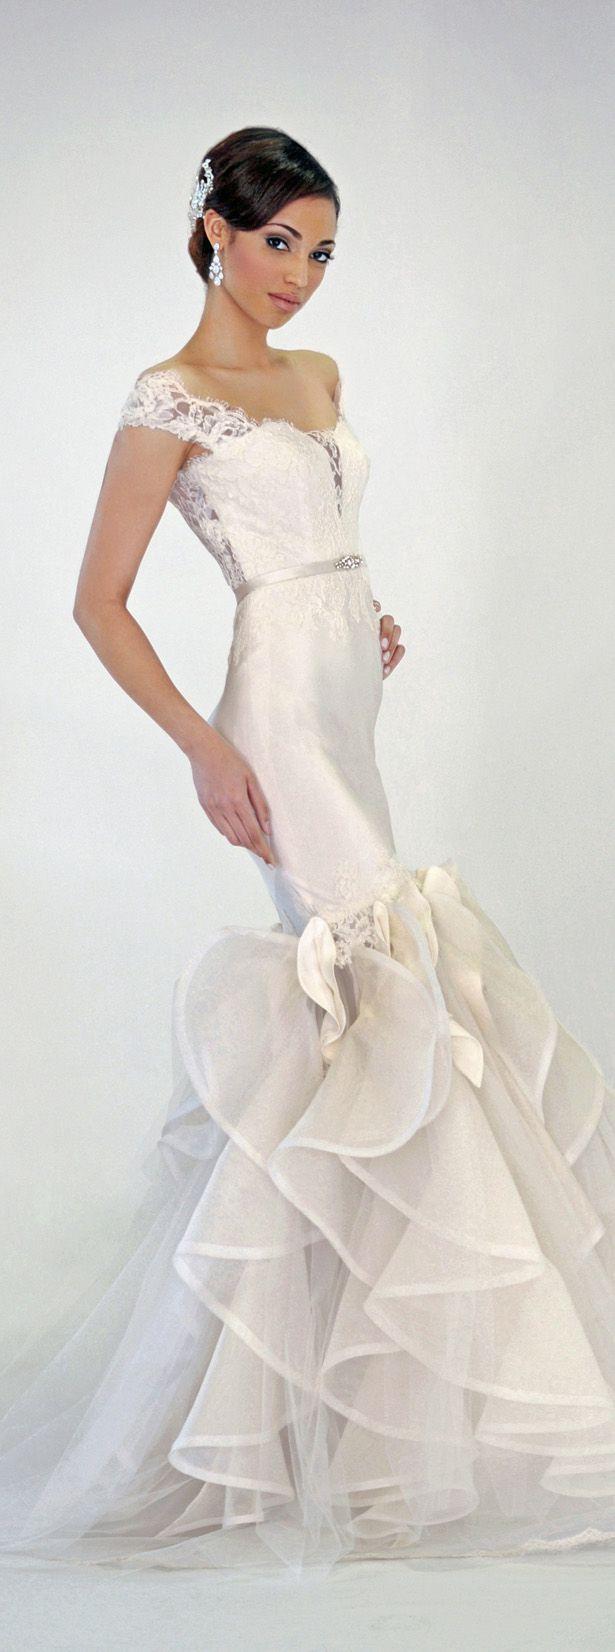 Sheath Wedding Dress : Eugenia Couture Spring 2016 Wedding Dress  Nia